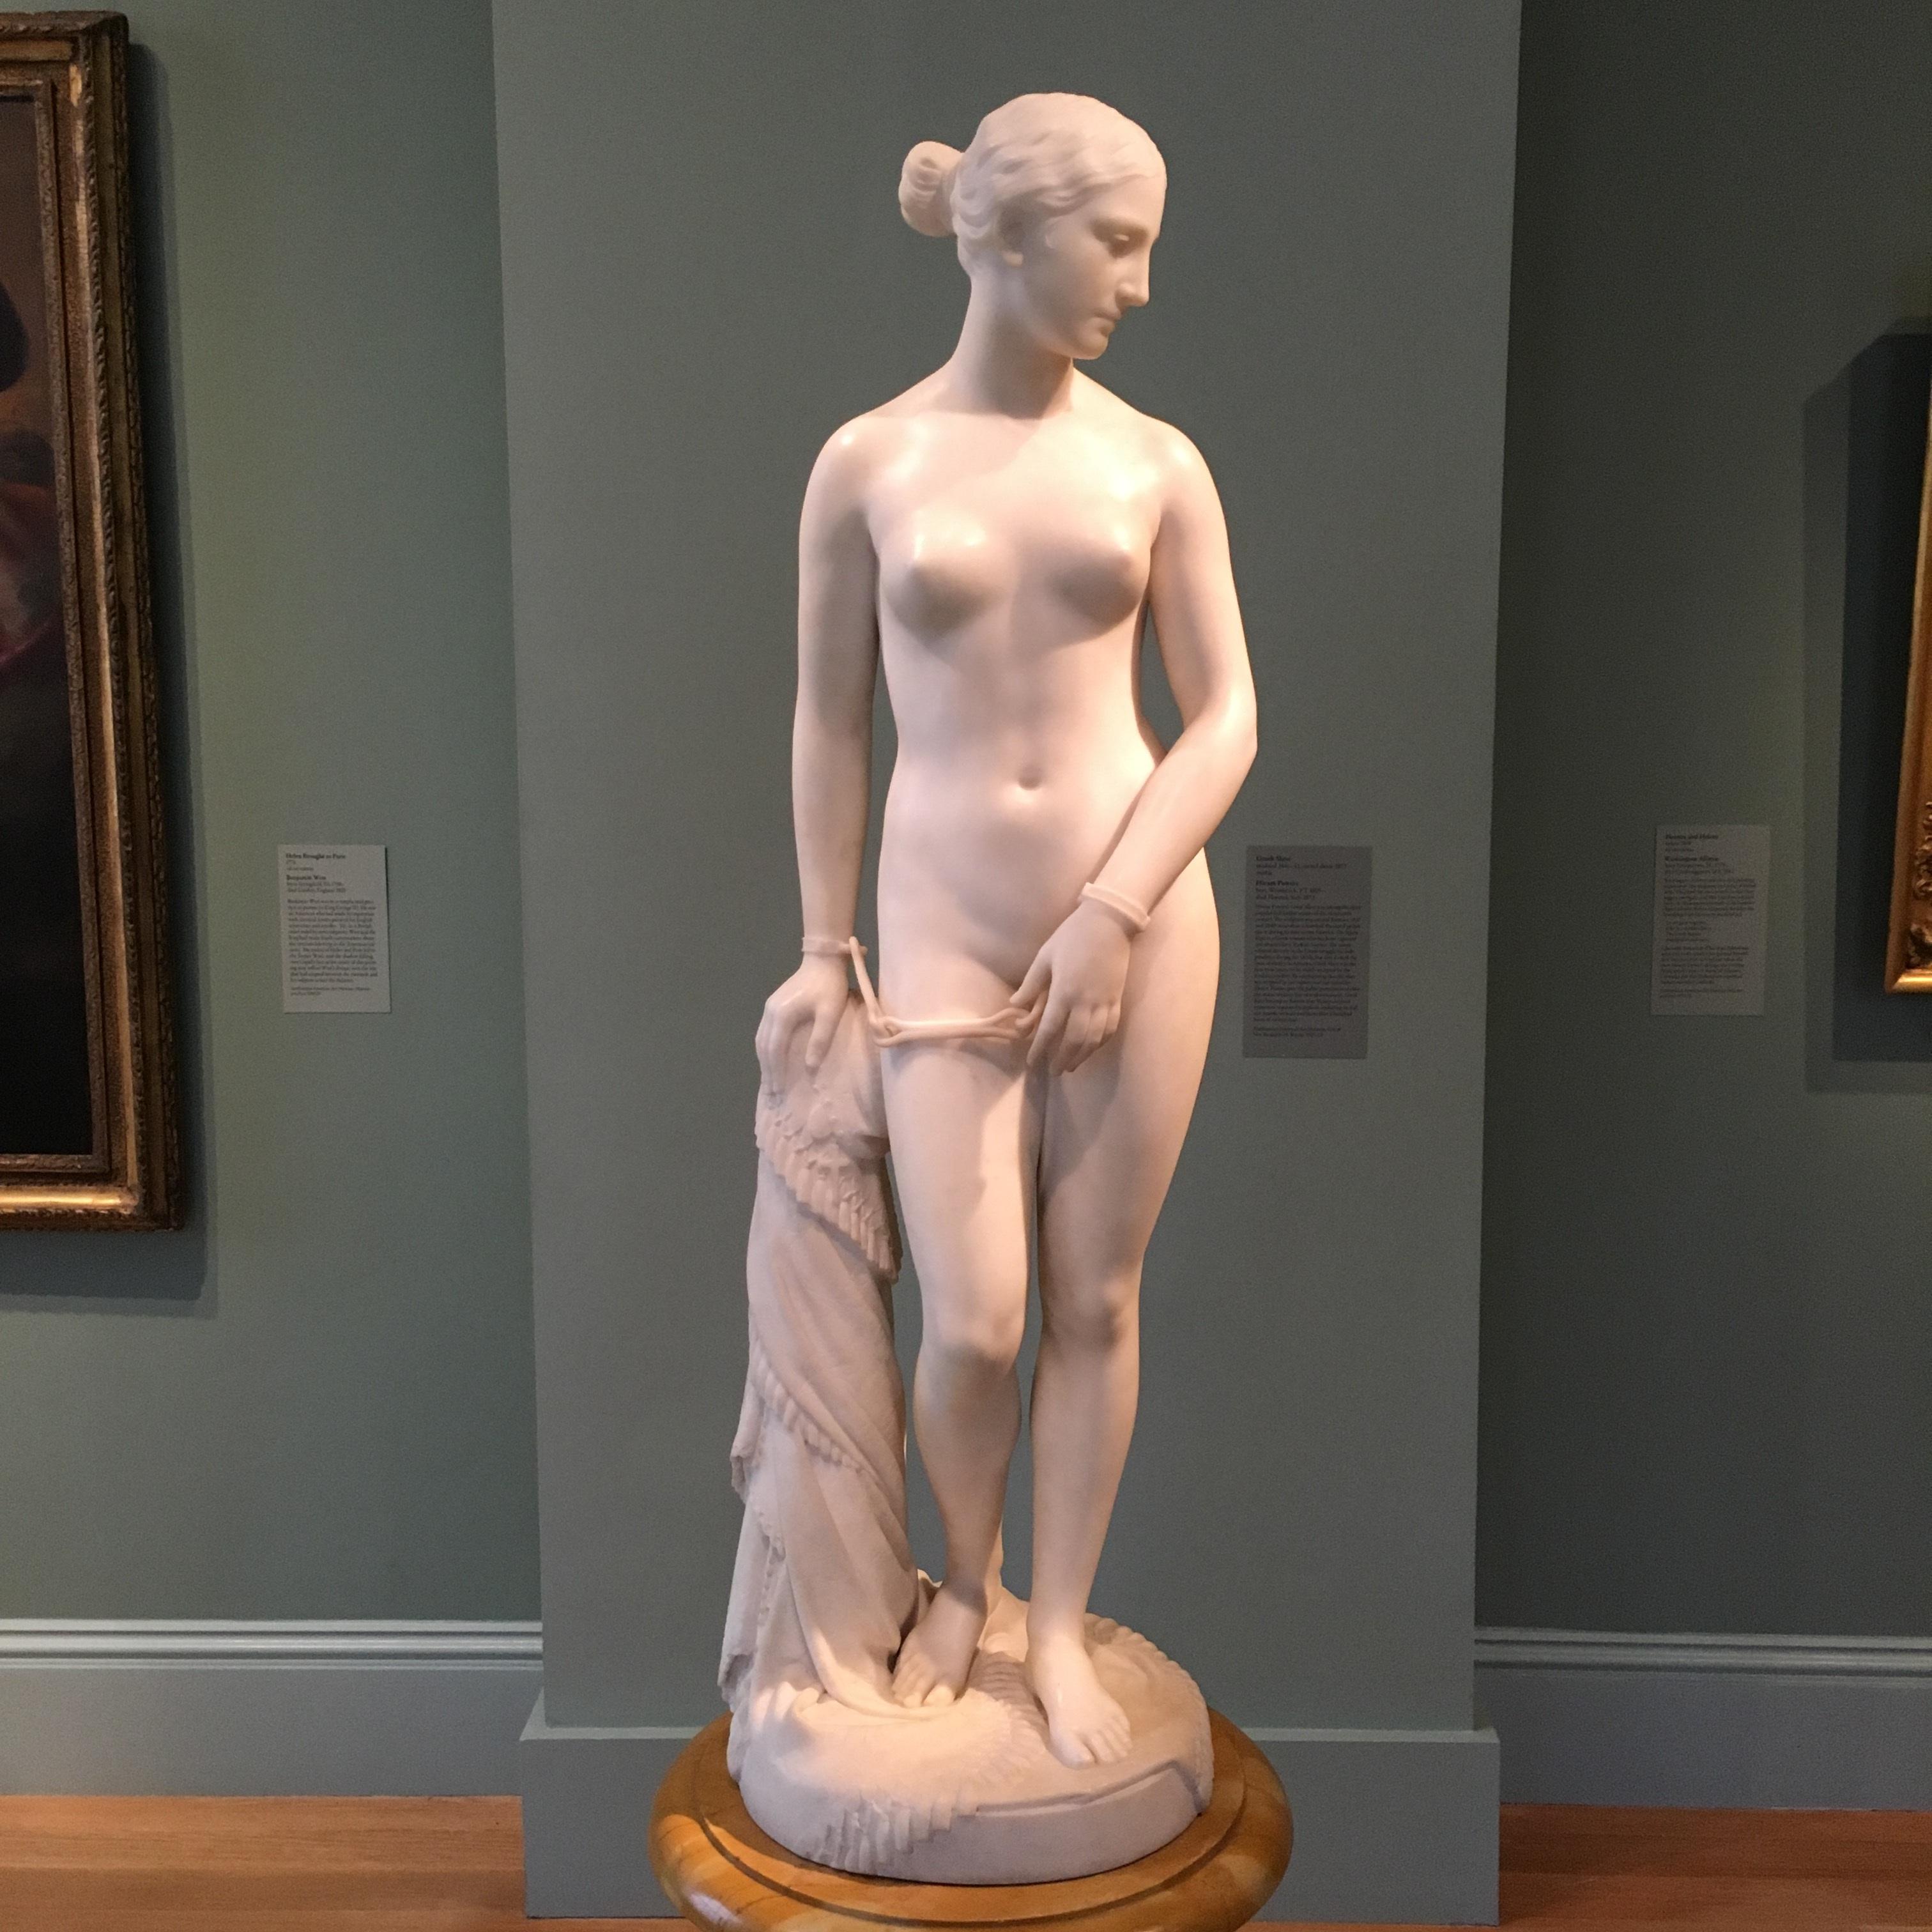 naakt gratis Gallery MILF sex xxxx